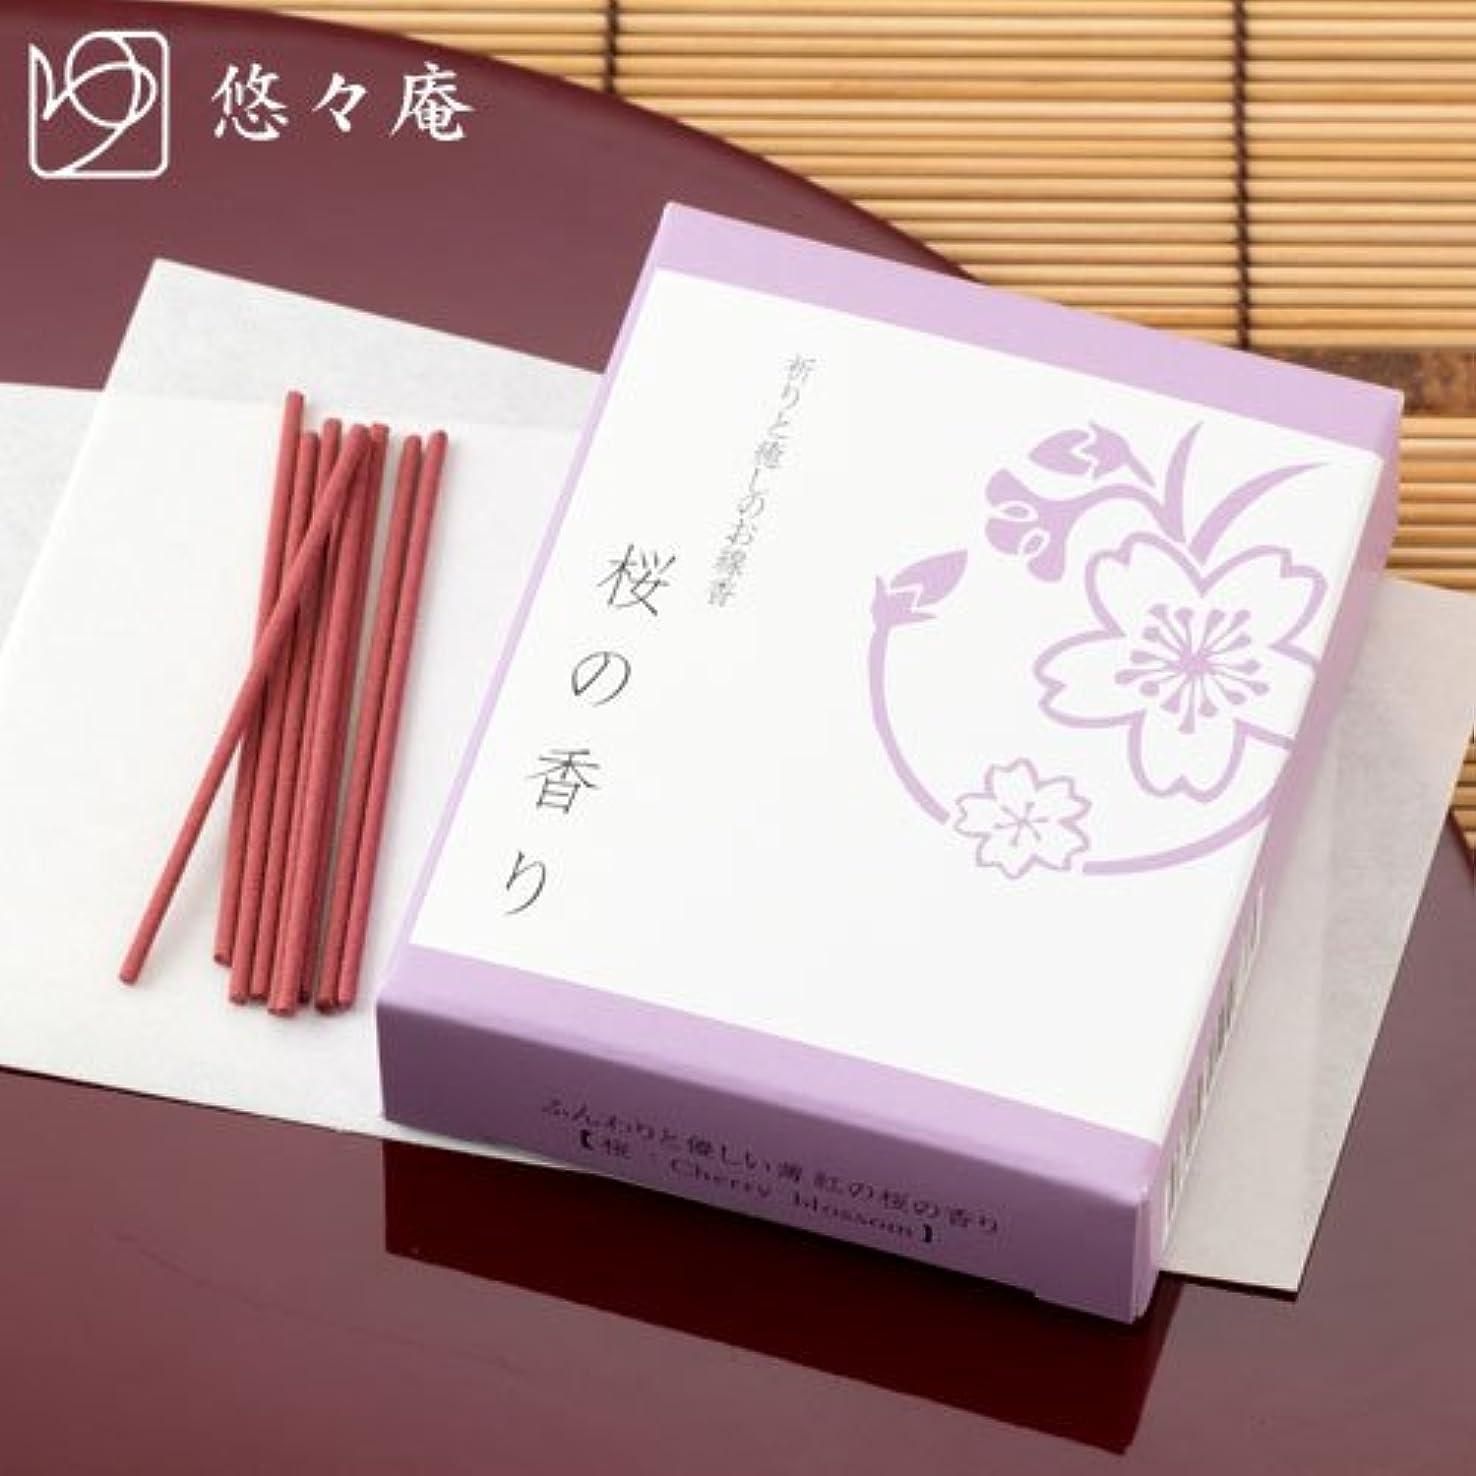 識字試みる自分のためにスティックお香祈りと癒しのお線香桜ショートサイズ悠々庵Pray & Heal Incense